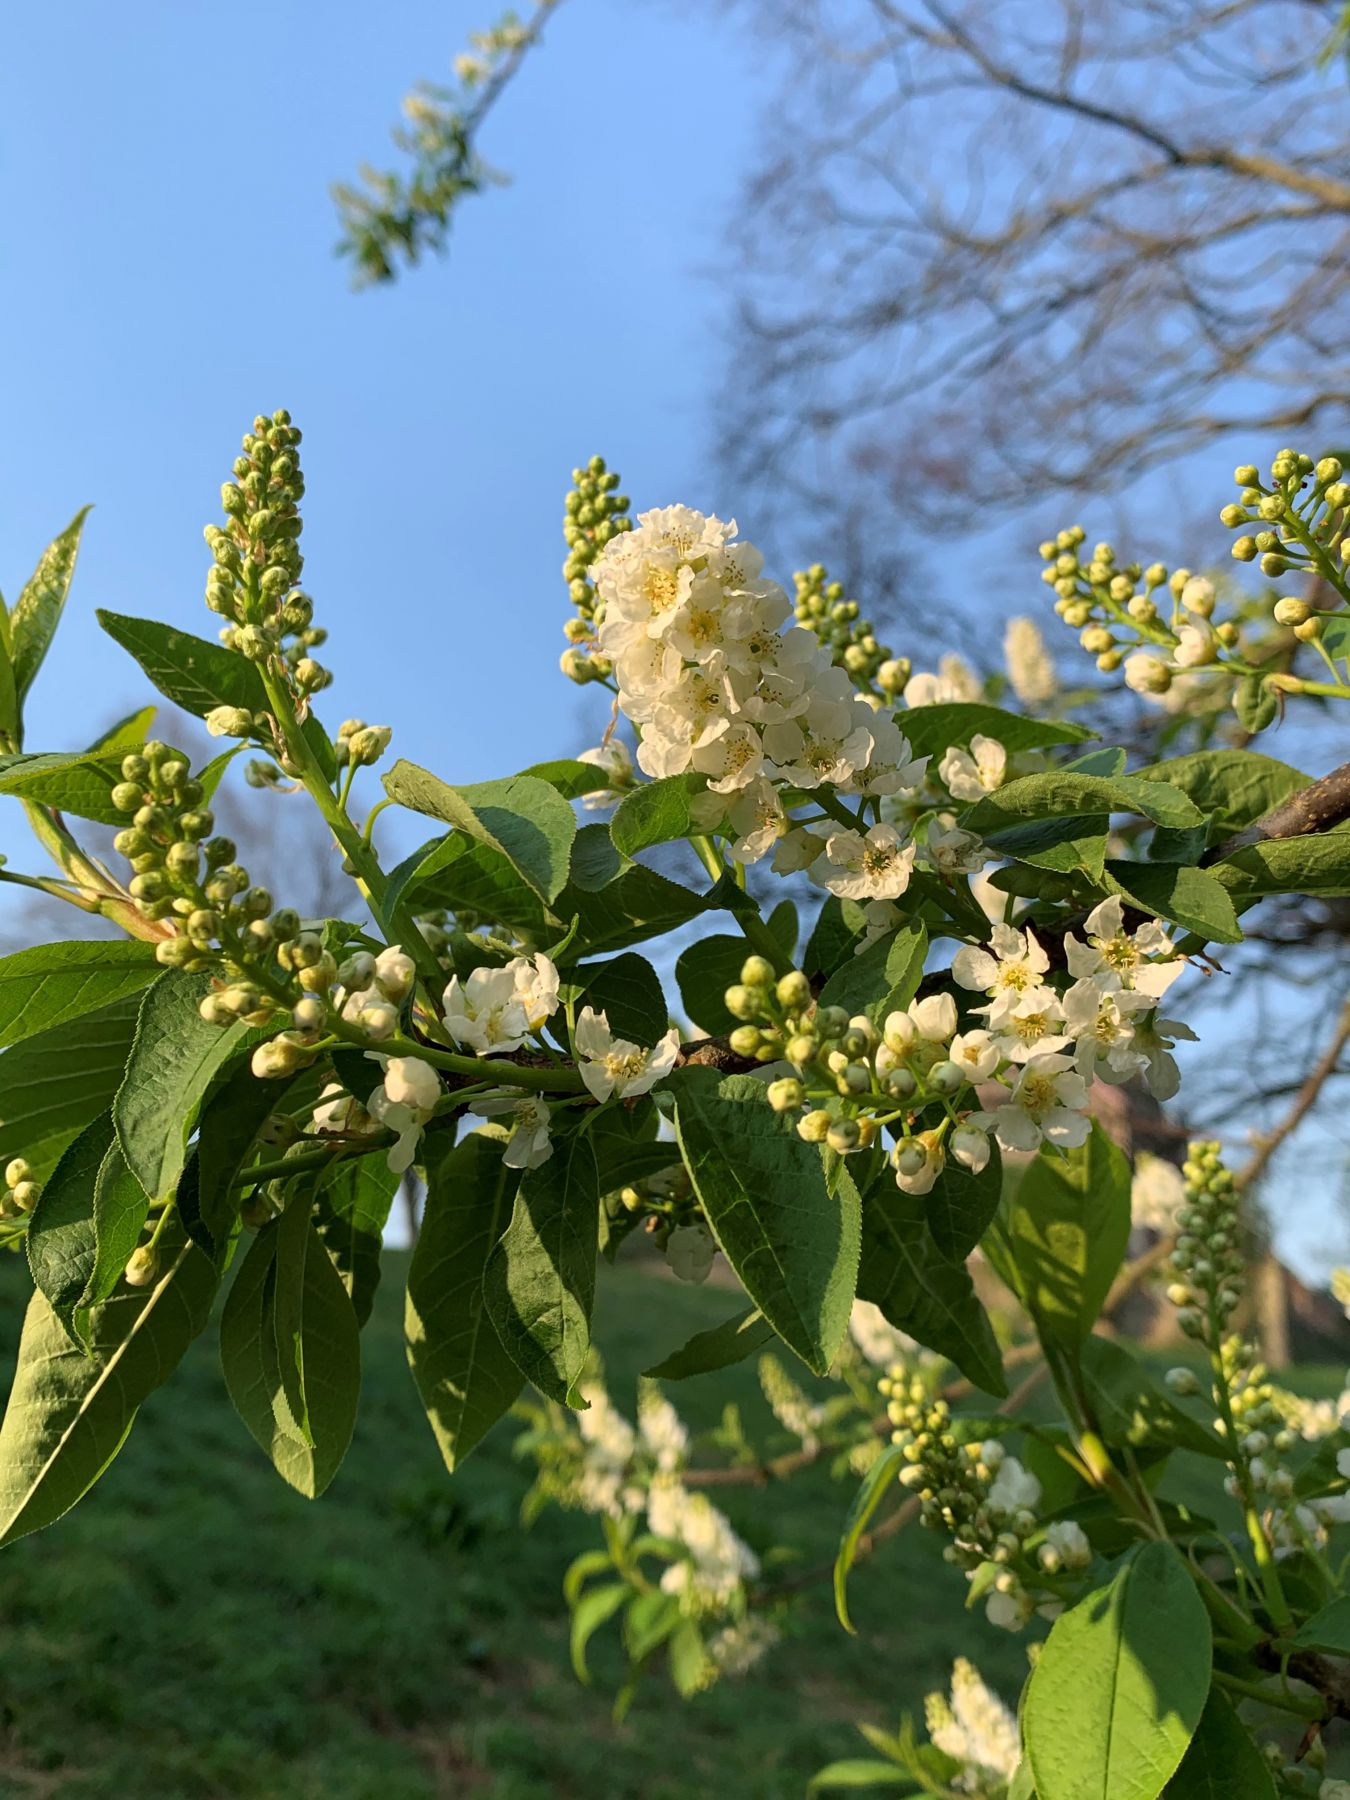 Bristol blossom